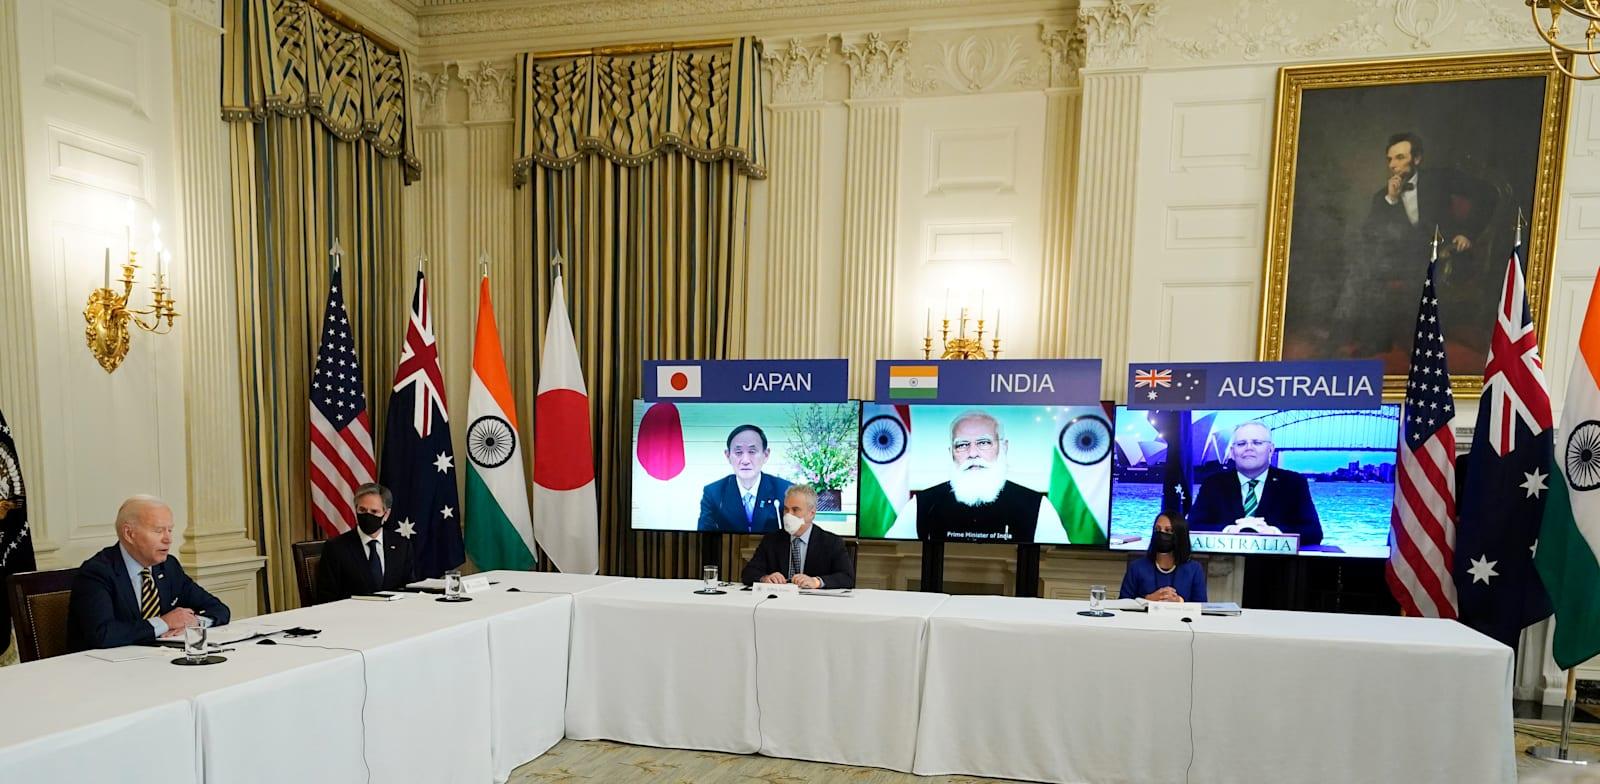 """נשיא ארה""""ב, ג'ו ביידן במפגש הווירטואלי עם רה""""מ יפן יושיהידה סוגה, רה""""מ הודו נרנדרה מודי ורה""""מ אוסטרליה, סקוט מוריסון / צילום: Associated Press, Alex Brandon"""